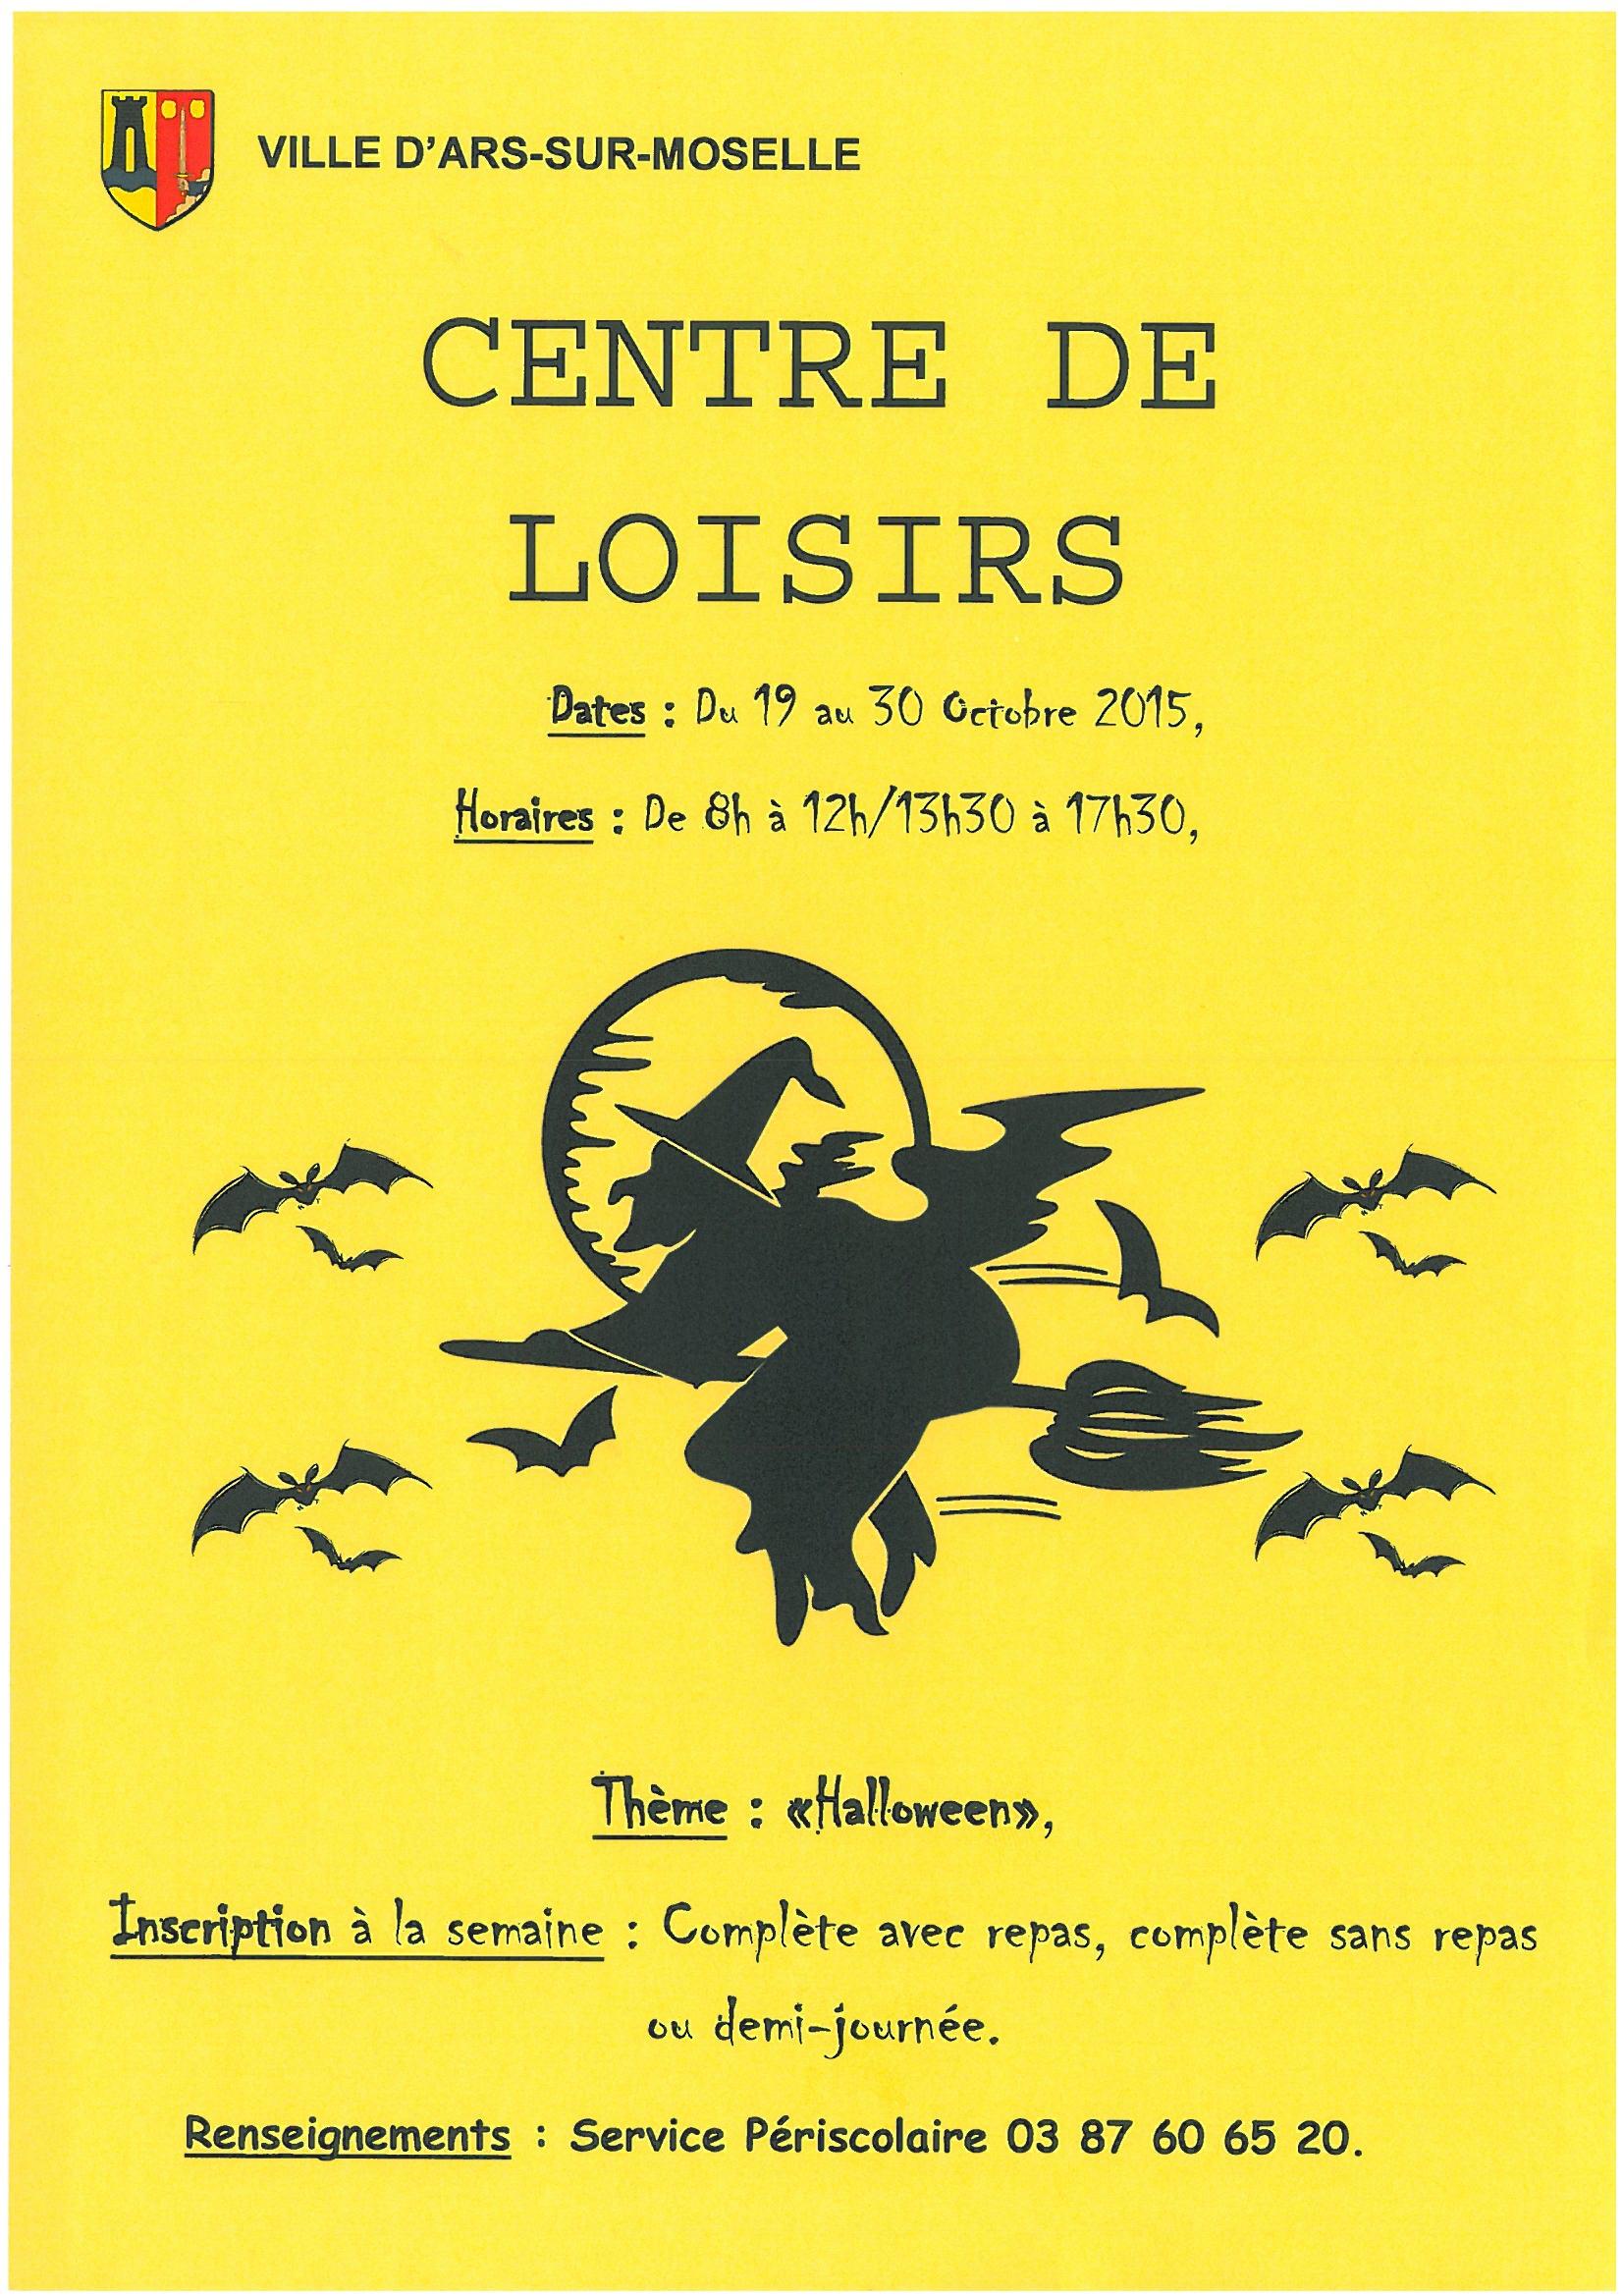 CENTRE DE LOISIRS du 19 au 30 octobre